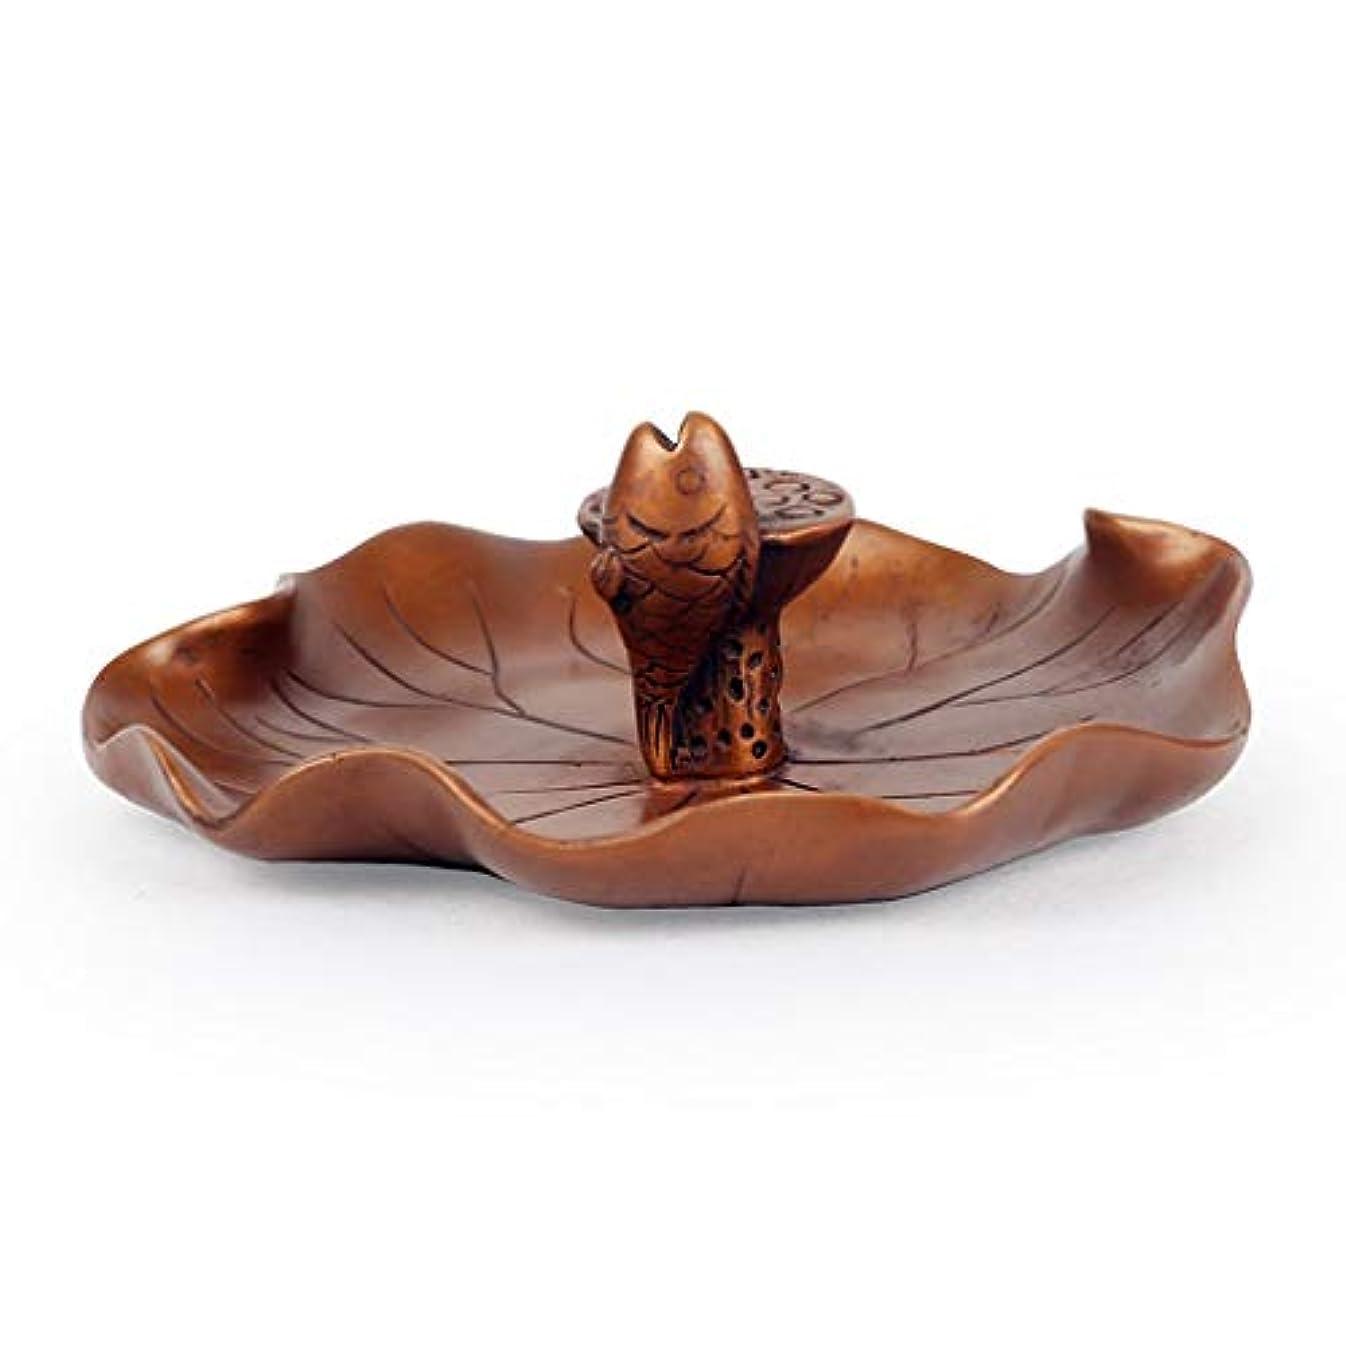 ドキドキ溝アクション芳香器?アロマバーナー 還流香炉ホーム香りの良い禅禅ラッキー鑑賞新しいクリエイティブアガーウッド香バーナー装飾 アロマバーナー (Color : Brass)